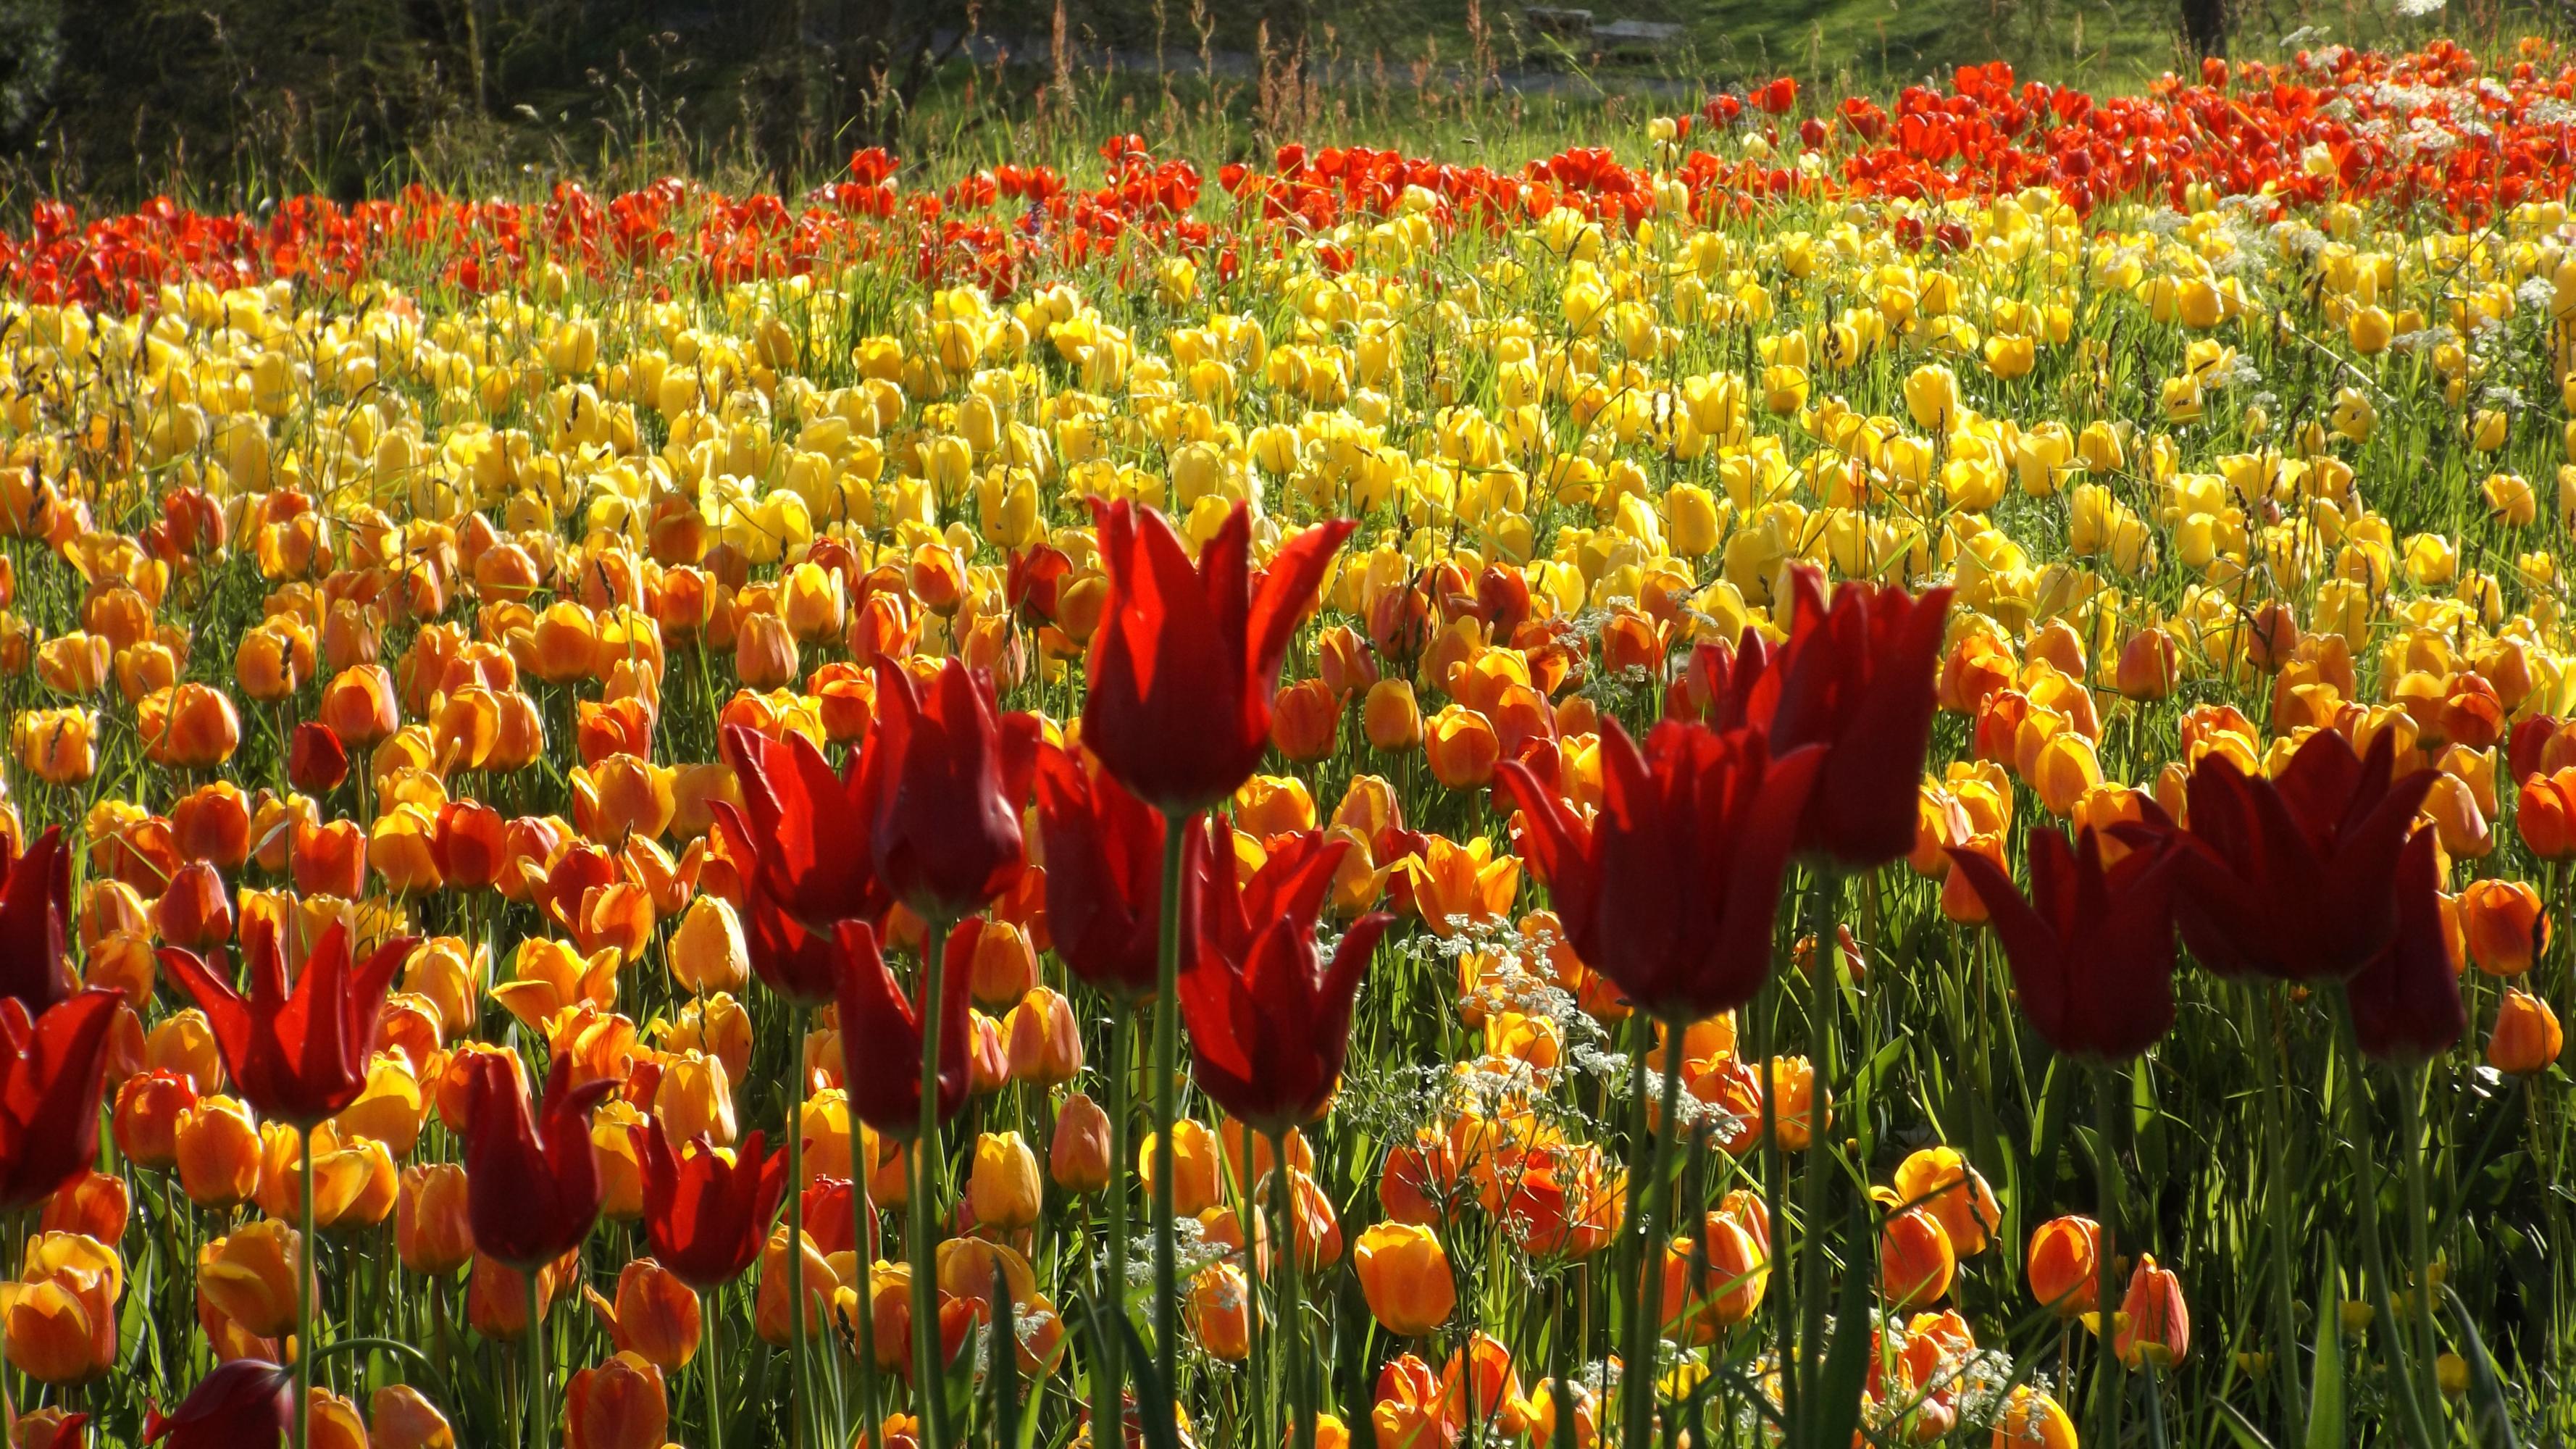 Flower Nature Orange Flower Red Flower Summer Tulip Yellow Flower 3556x2000